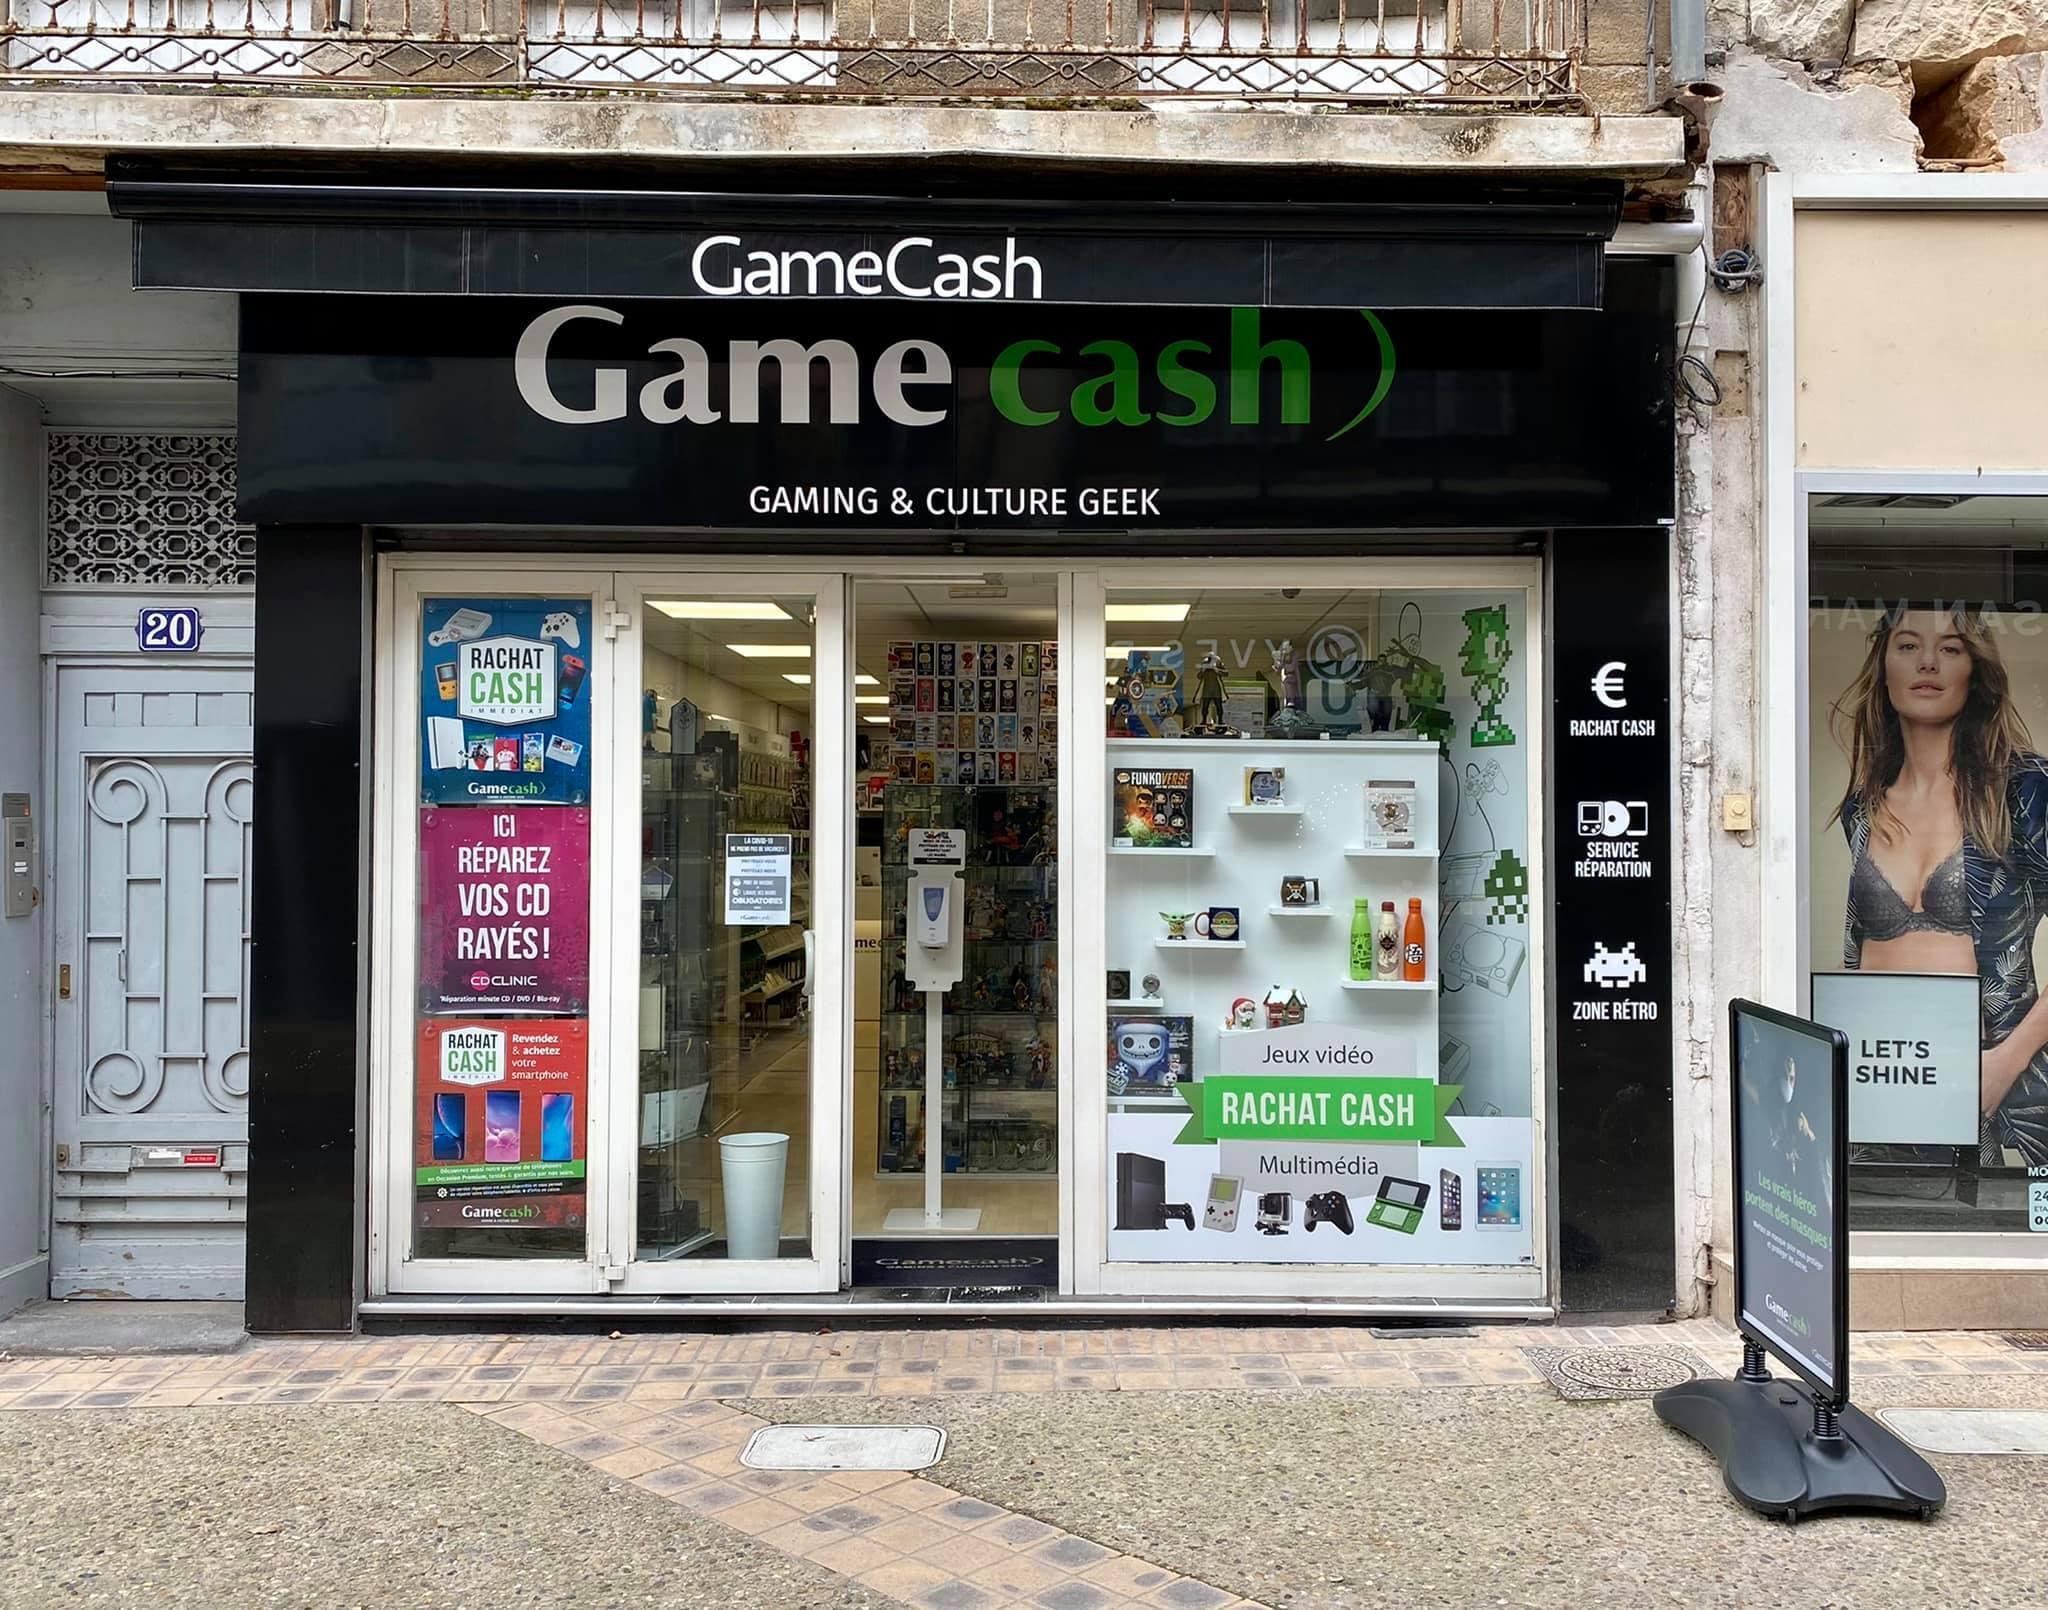 Galerie d'image - Gamecash